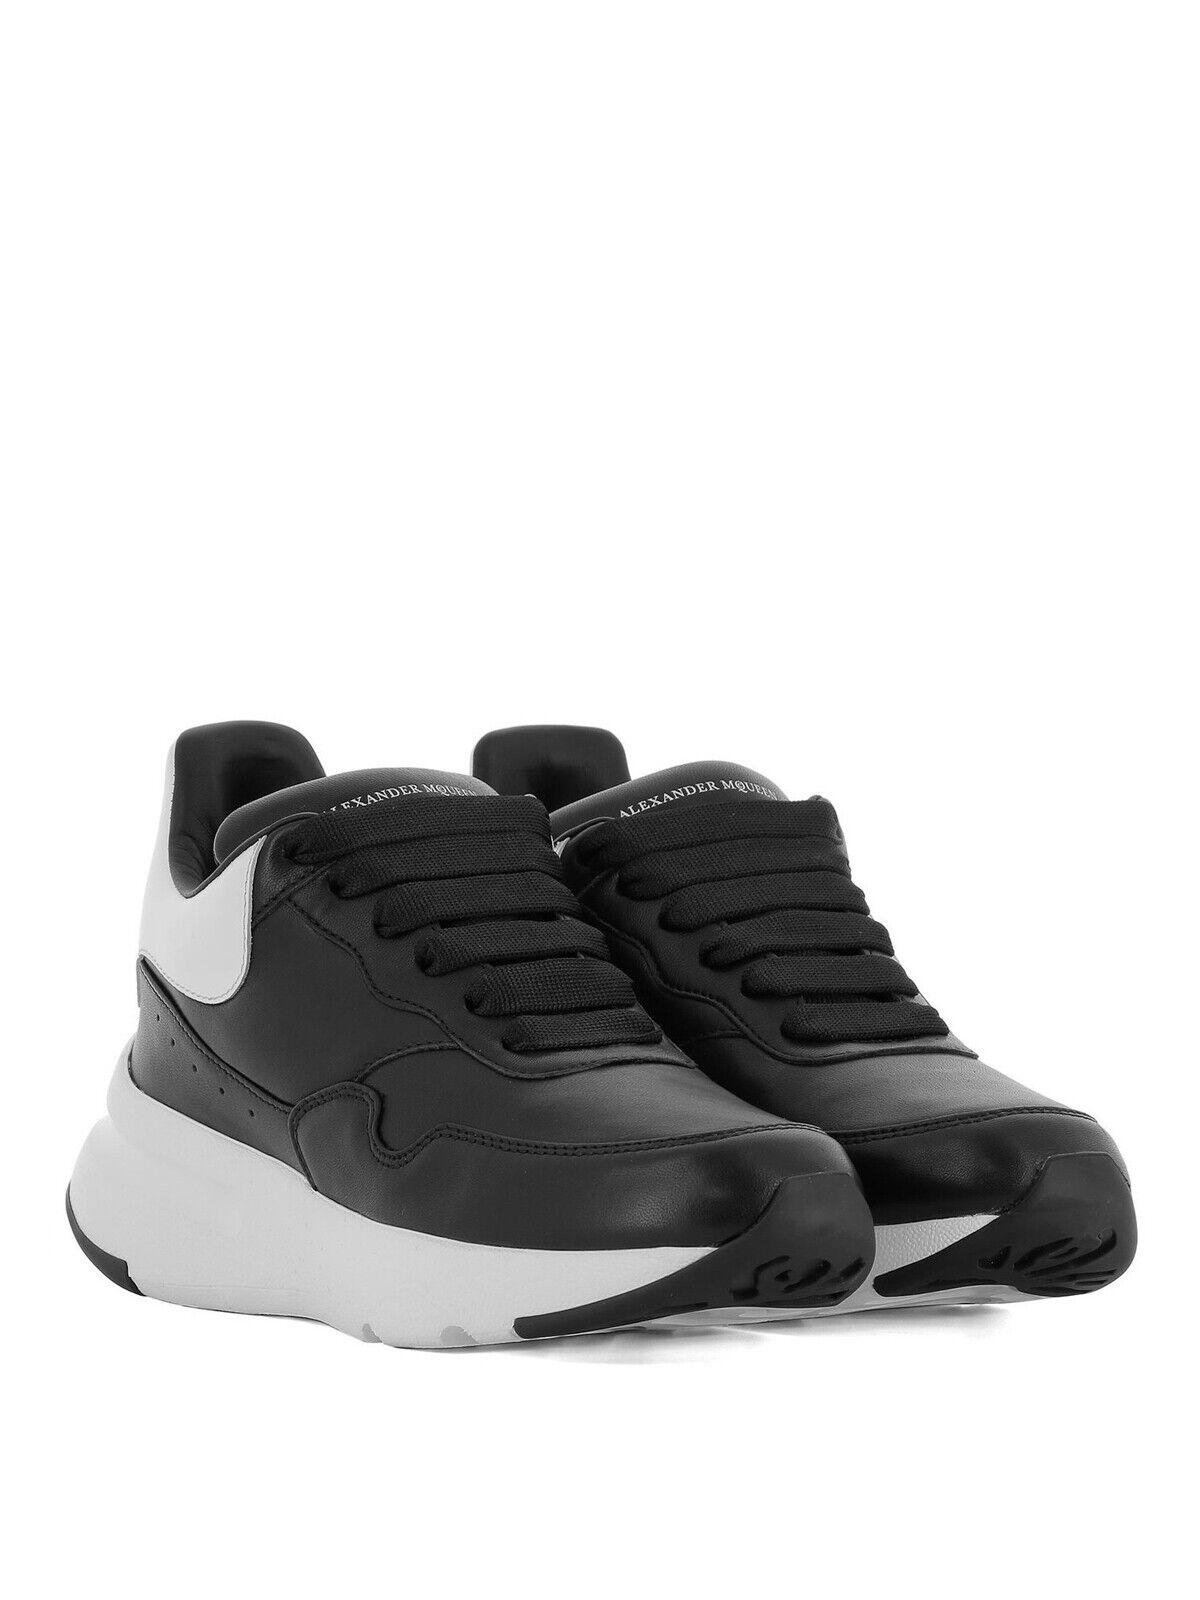 Authentique Alexander McQueen en peau d'agneau Runner Sneaker EU37 UK4 US7 495